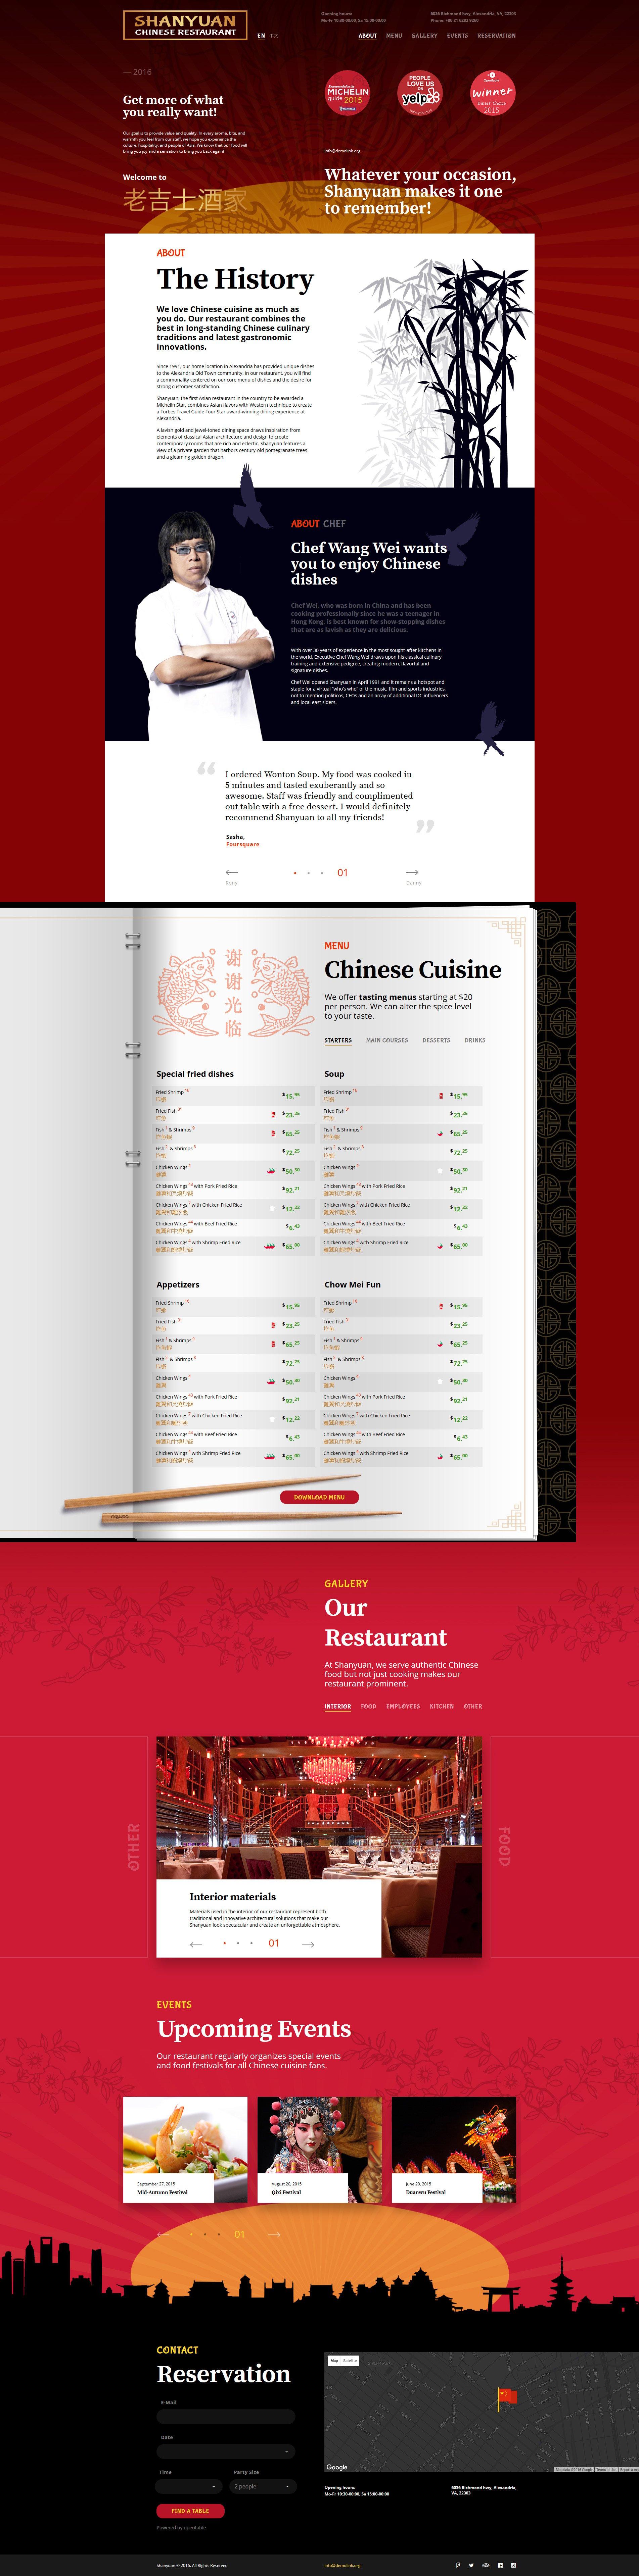 Reszponzív Kínai étterem Weboldal sablon 58239 - képernyőkép